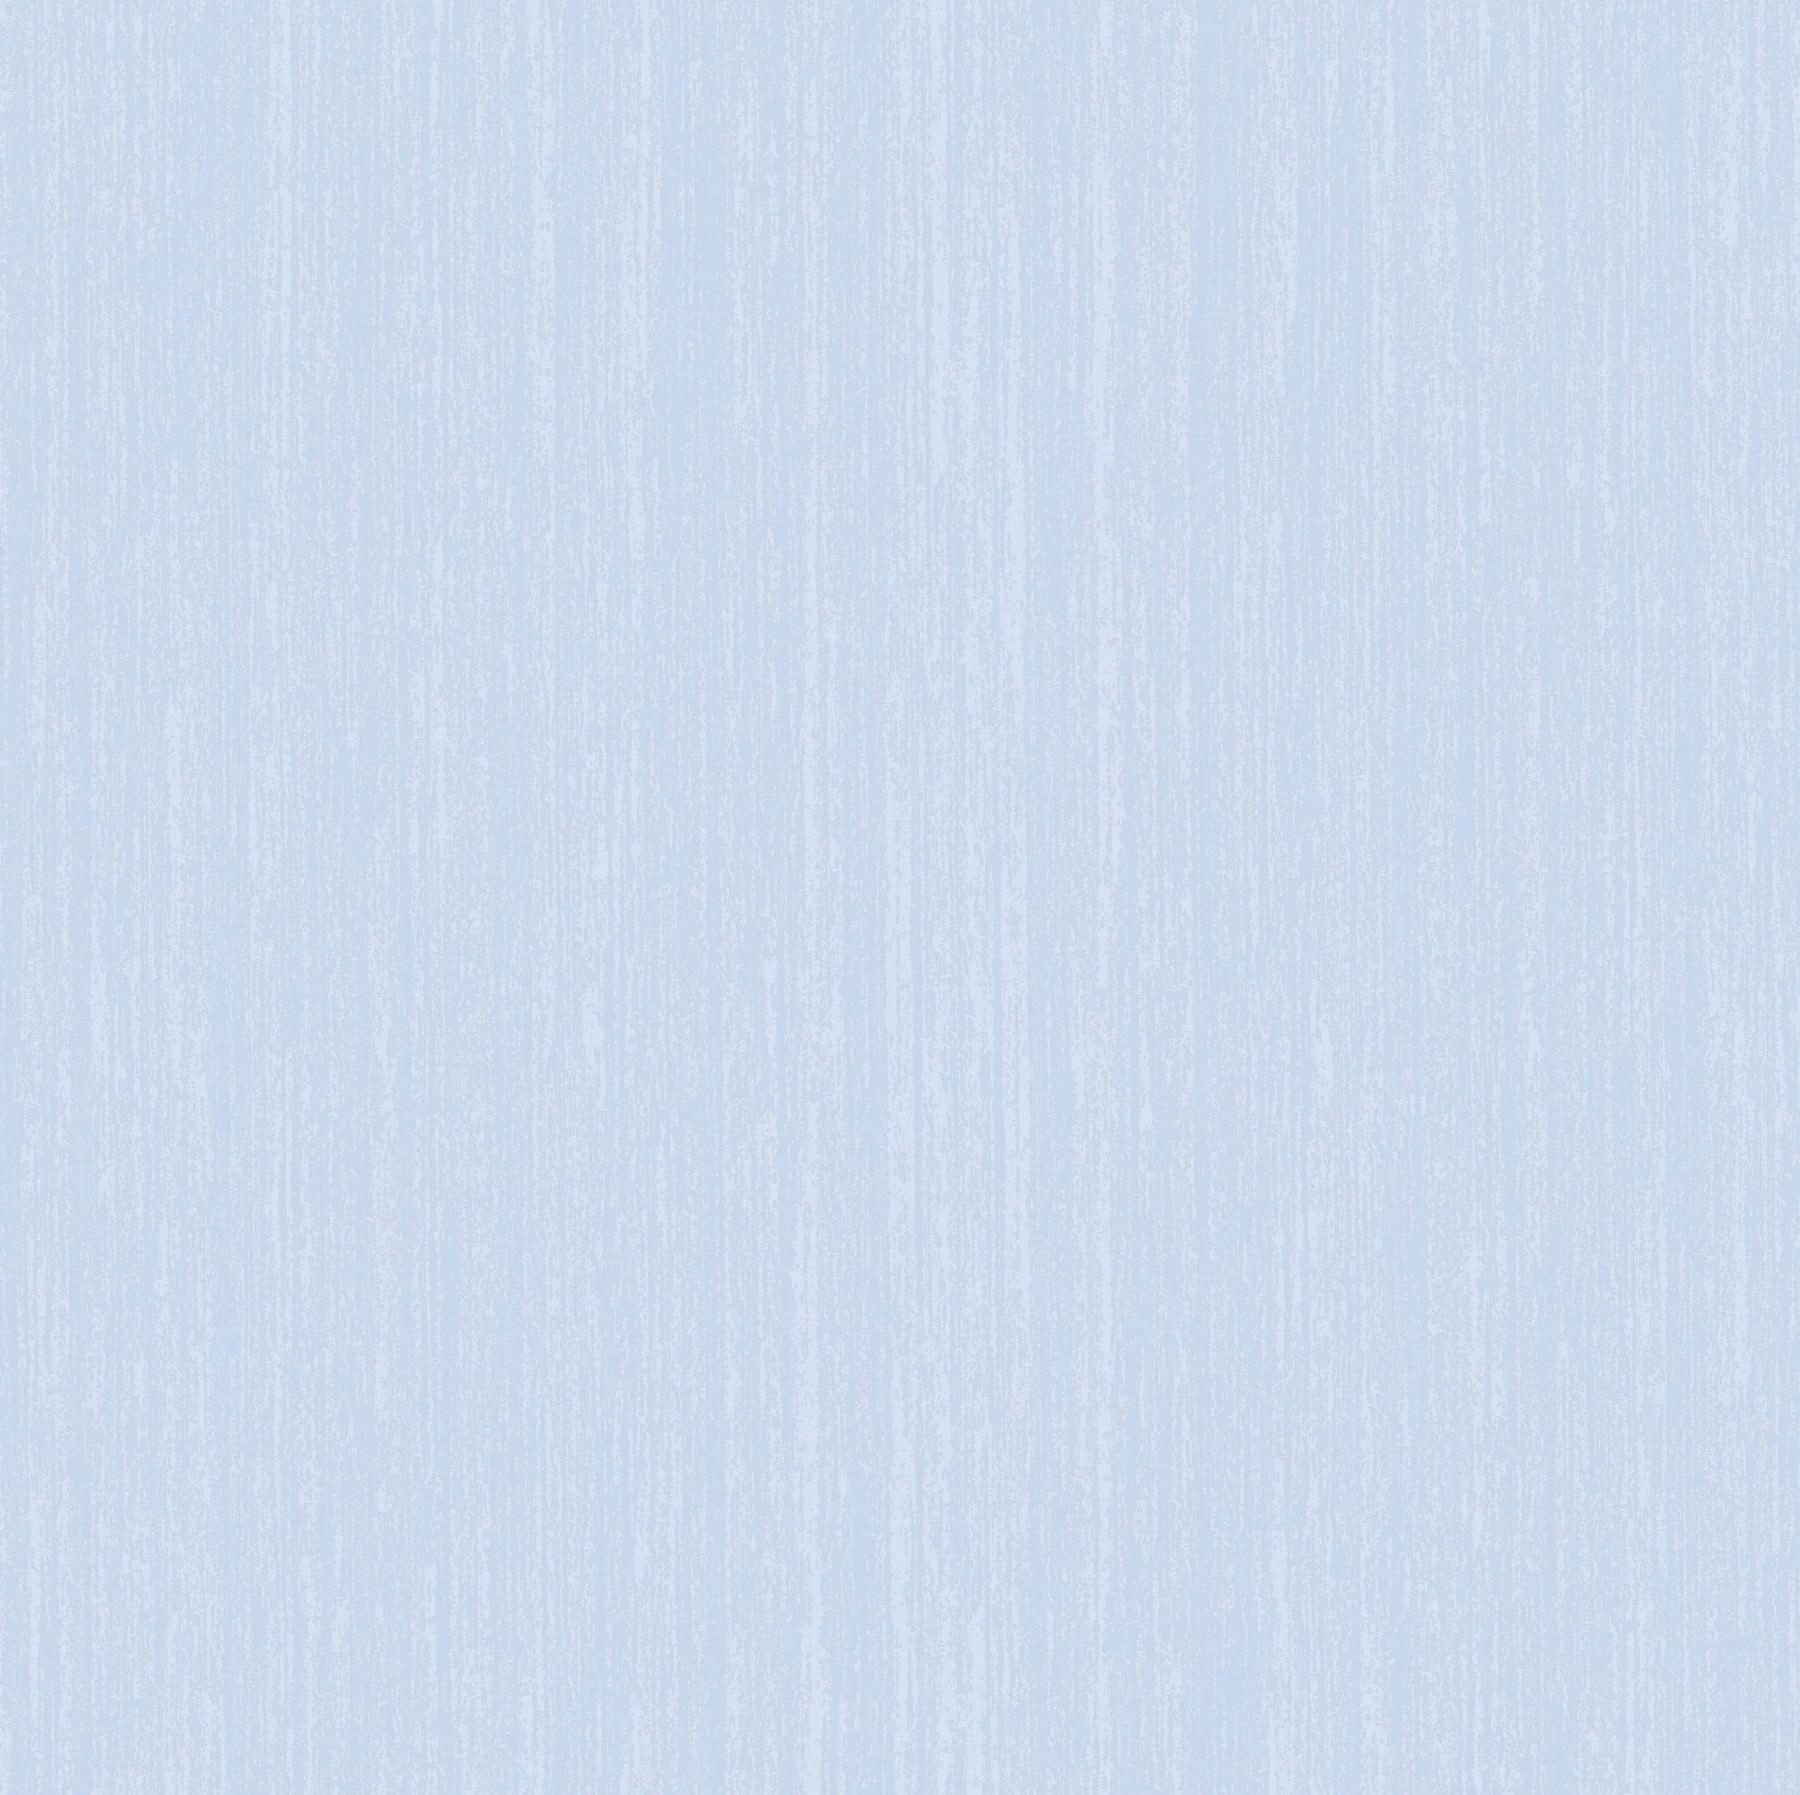 Papel de Parede Infantil Linhas de Giz Azul Claro - Has#Tag